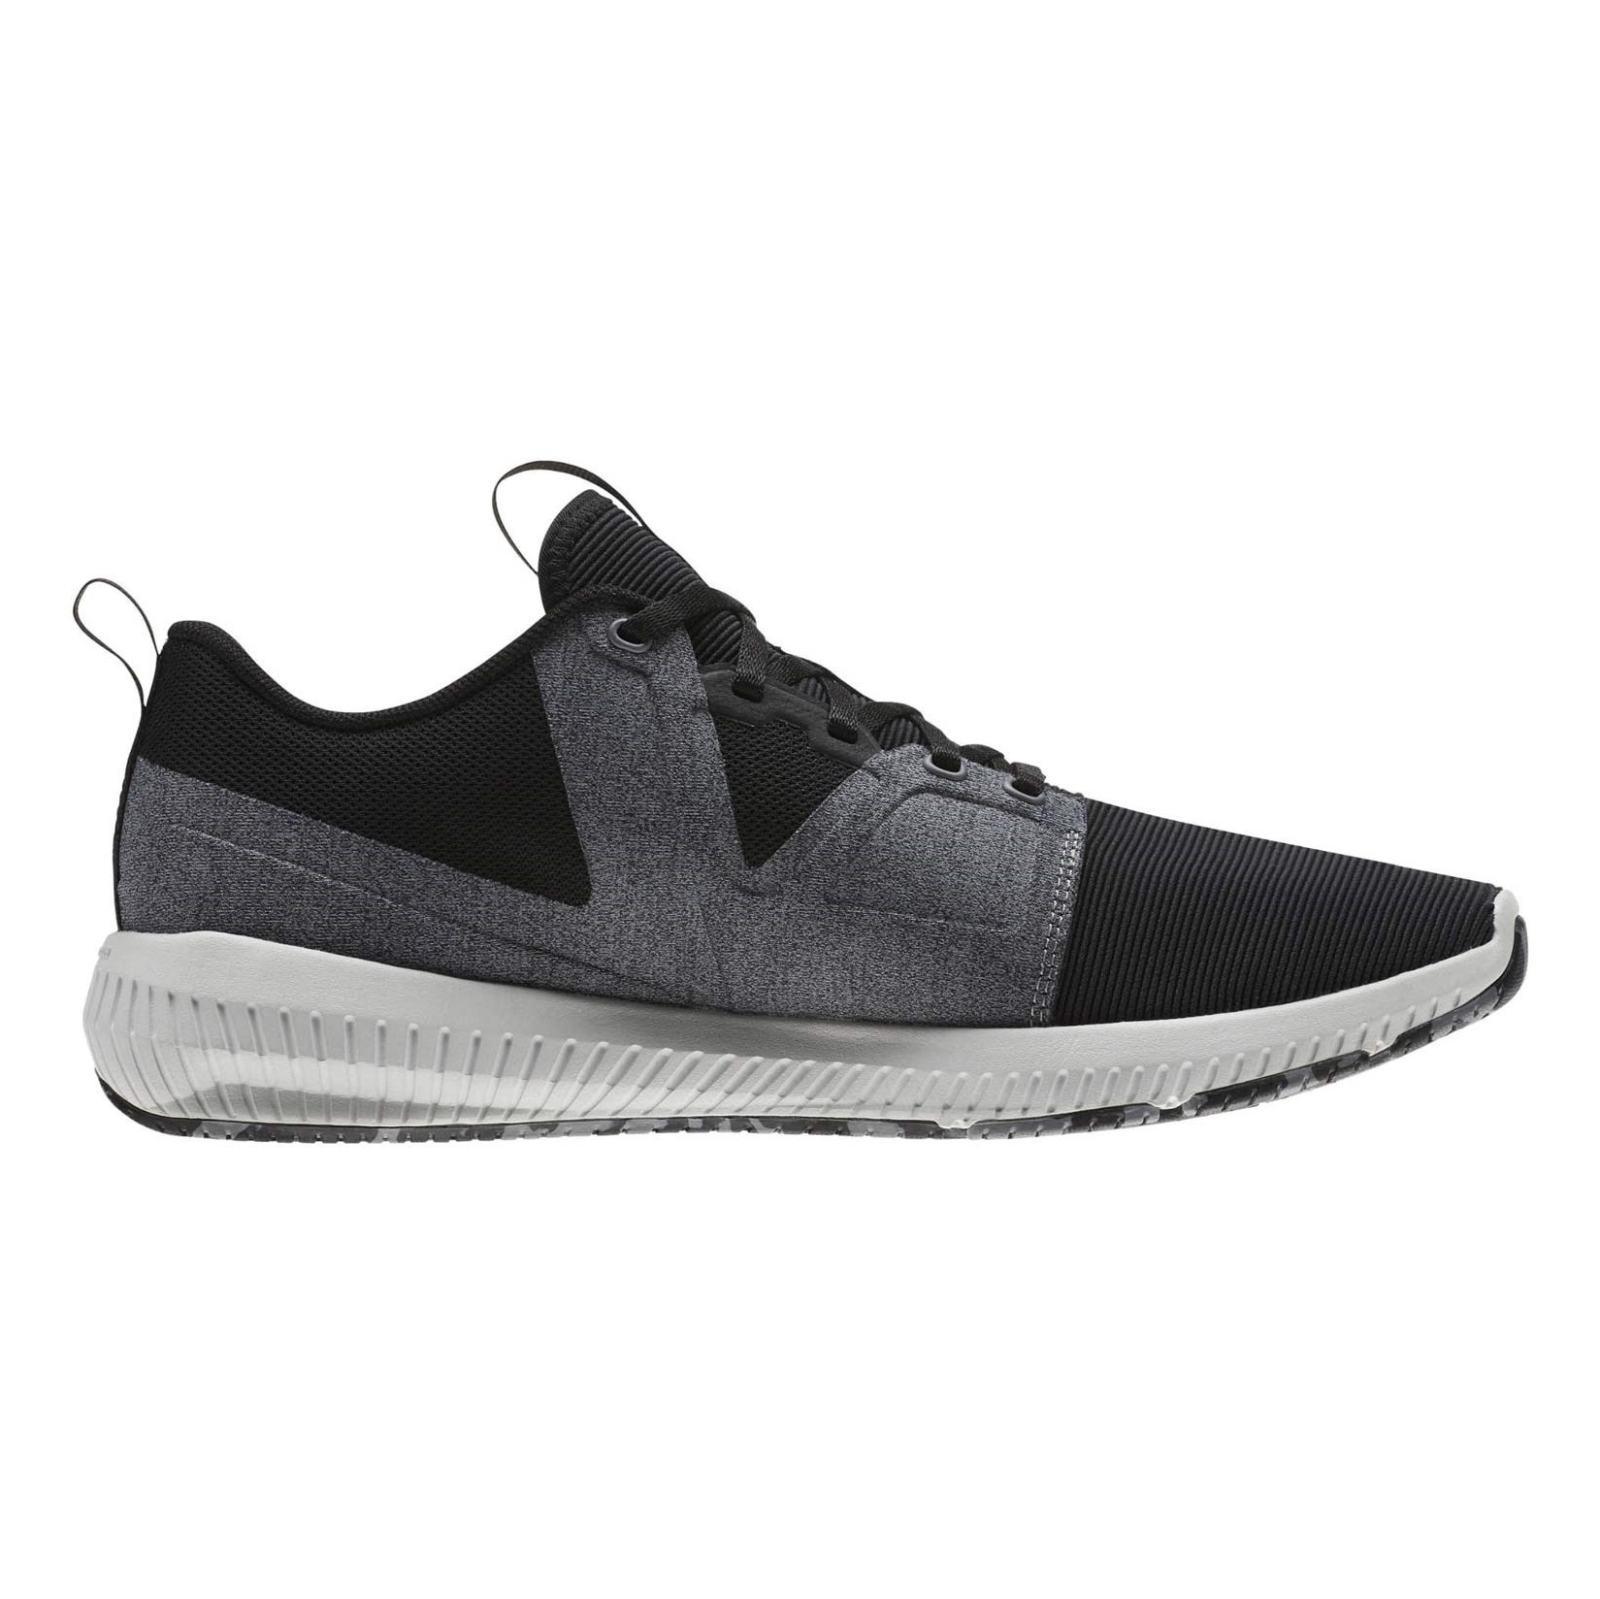 کفش تمرین بندی مردانه Hydrorush - ریباک - مشکي و طوسي - 1